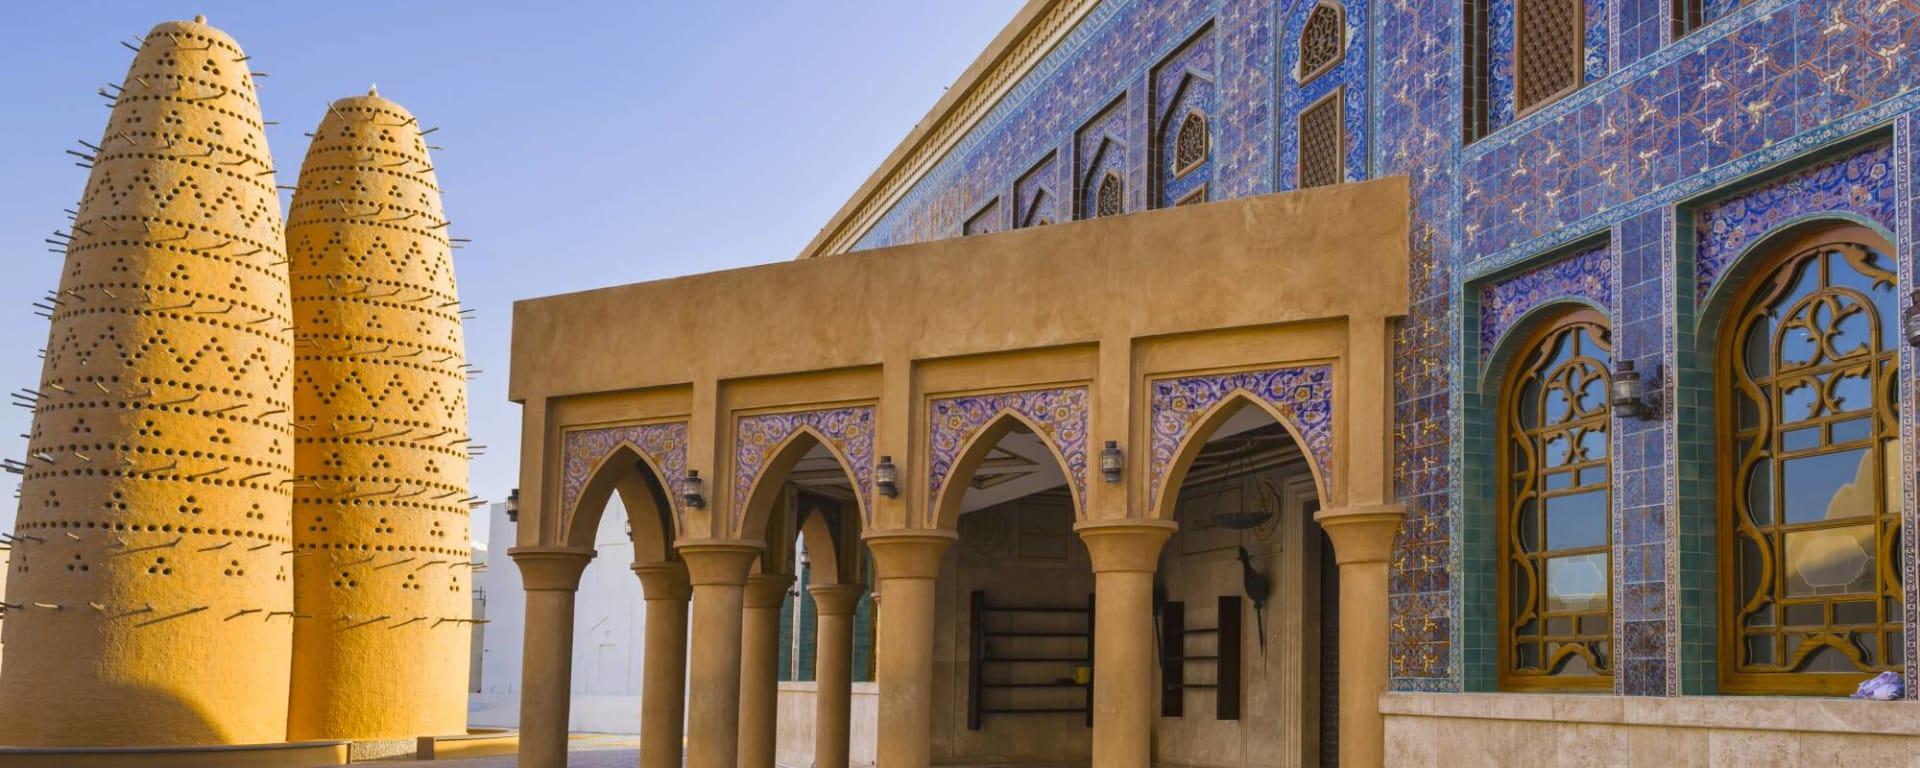 Qatar entdecken mit Tischler Reisen: Qatar Doha Katara Heritage Village